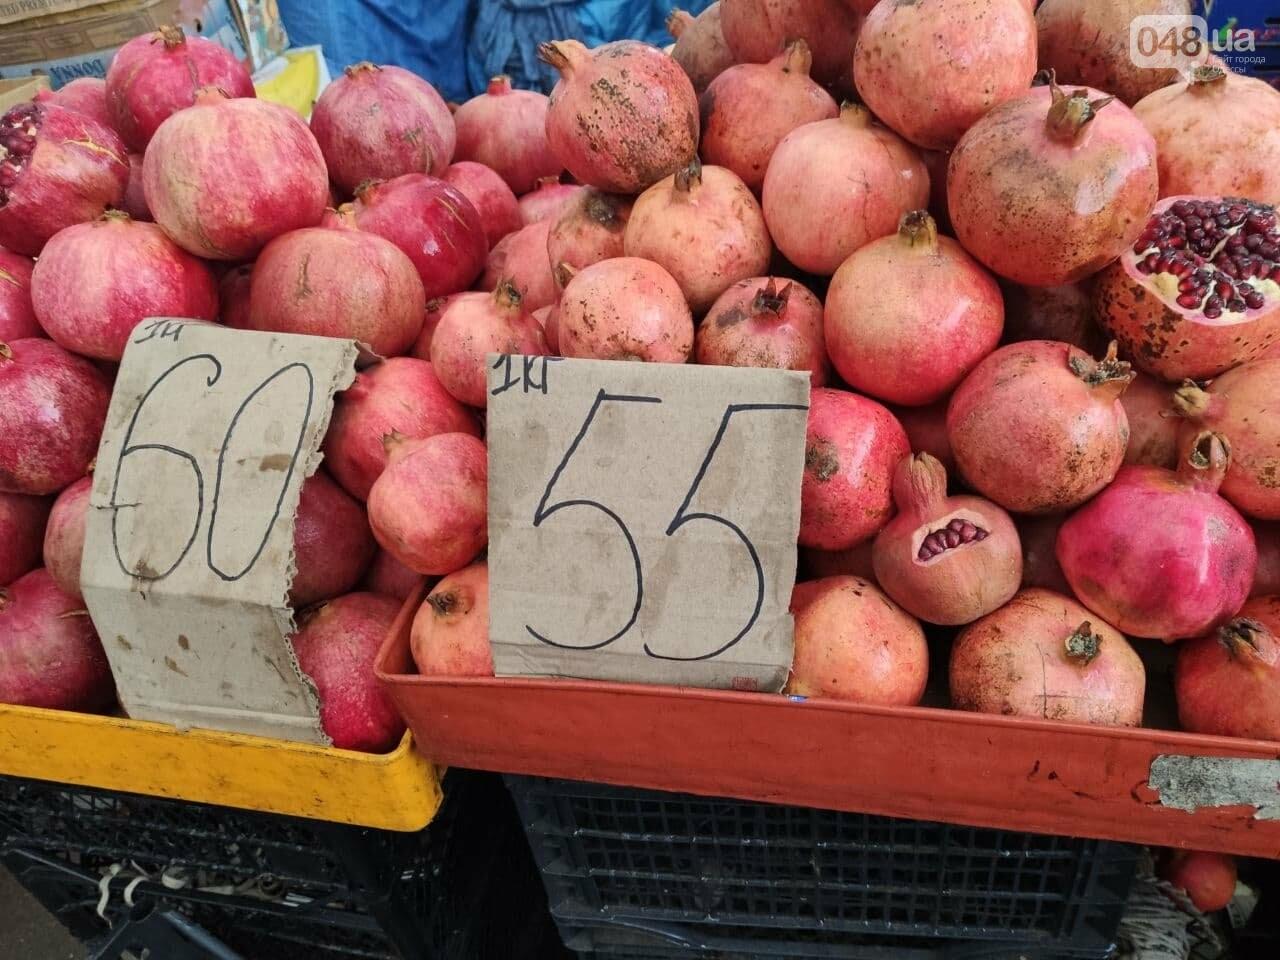 Помело, имбирь, шампиньоны: почем на одесском Привозе овощи и фрукты, - ФОТО, фото-3